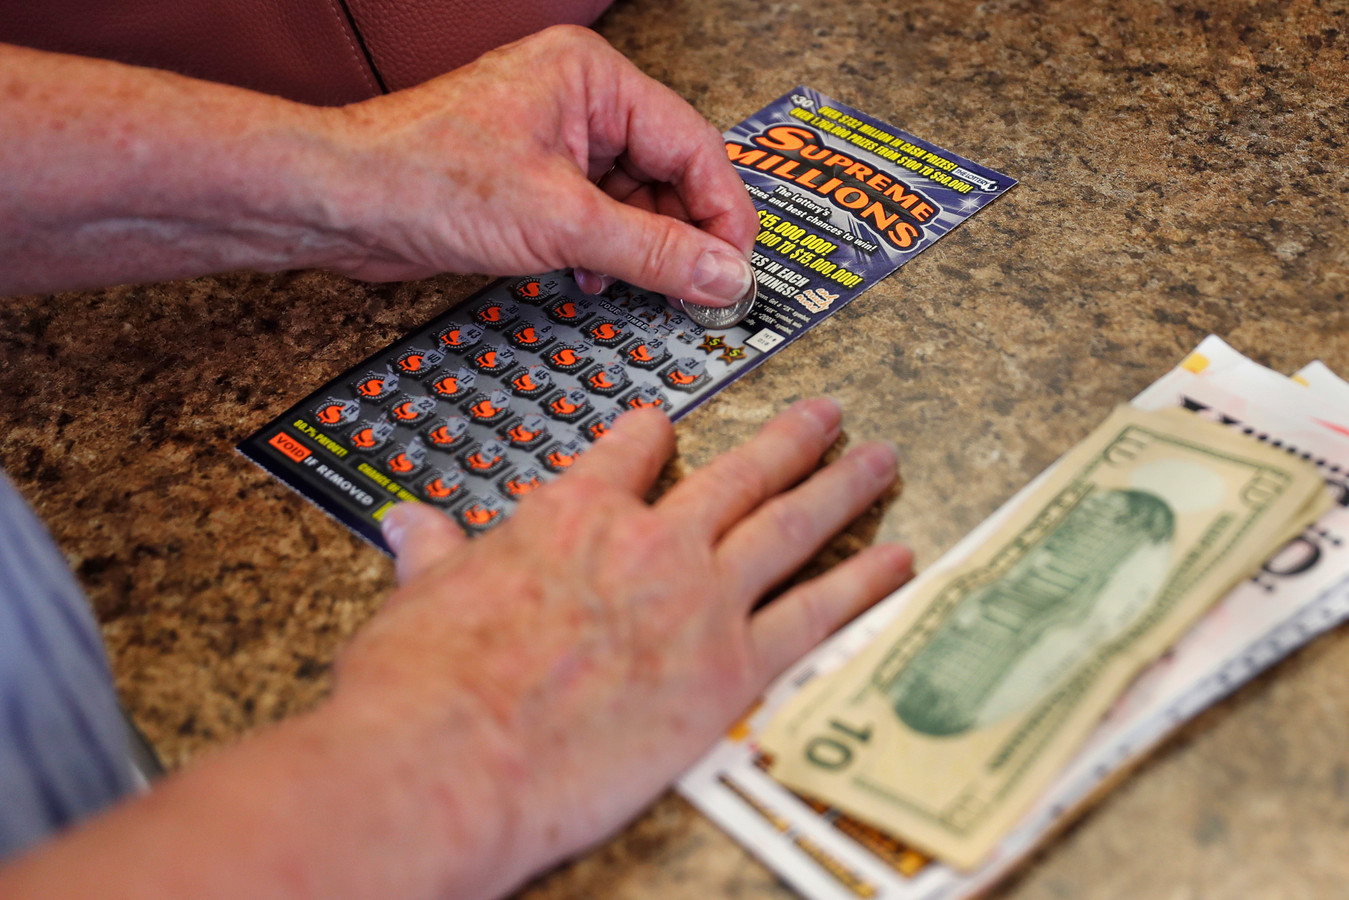 Even wisselen en gelijk een winnend kraslot kopen... het zal je maar gebeuren.